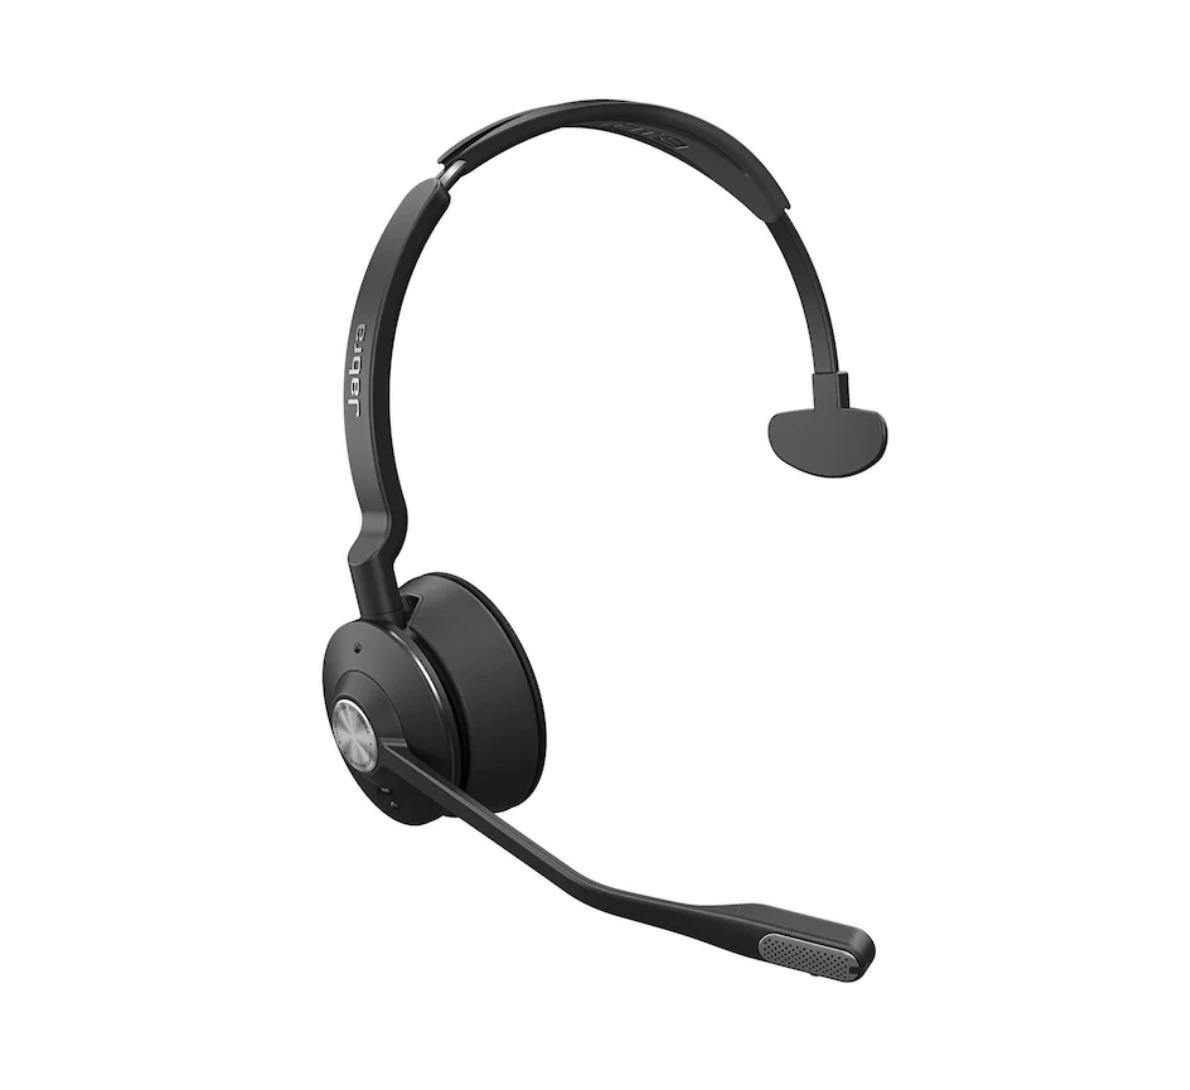 Headset, videokonferanse, mikrofon, møte, skype, trådløst